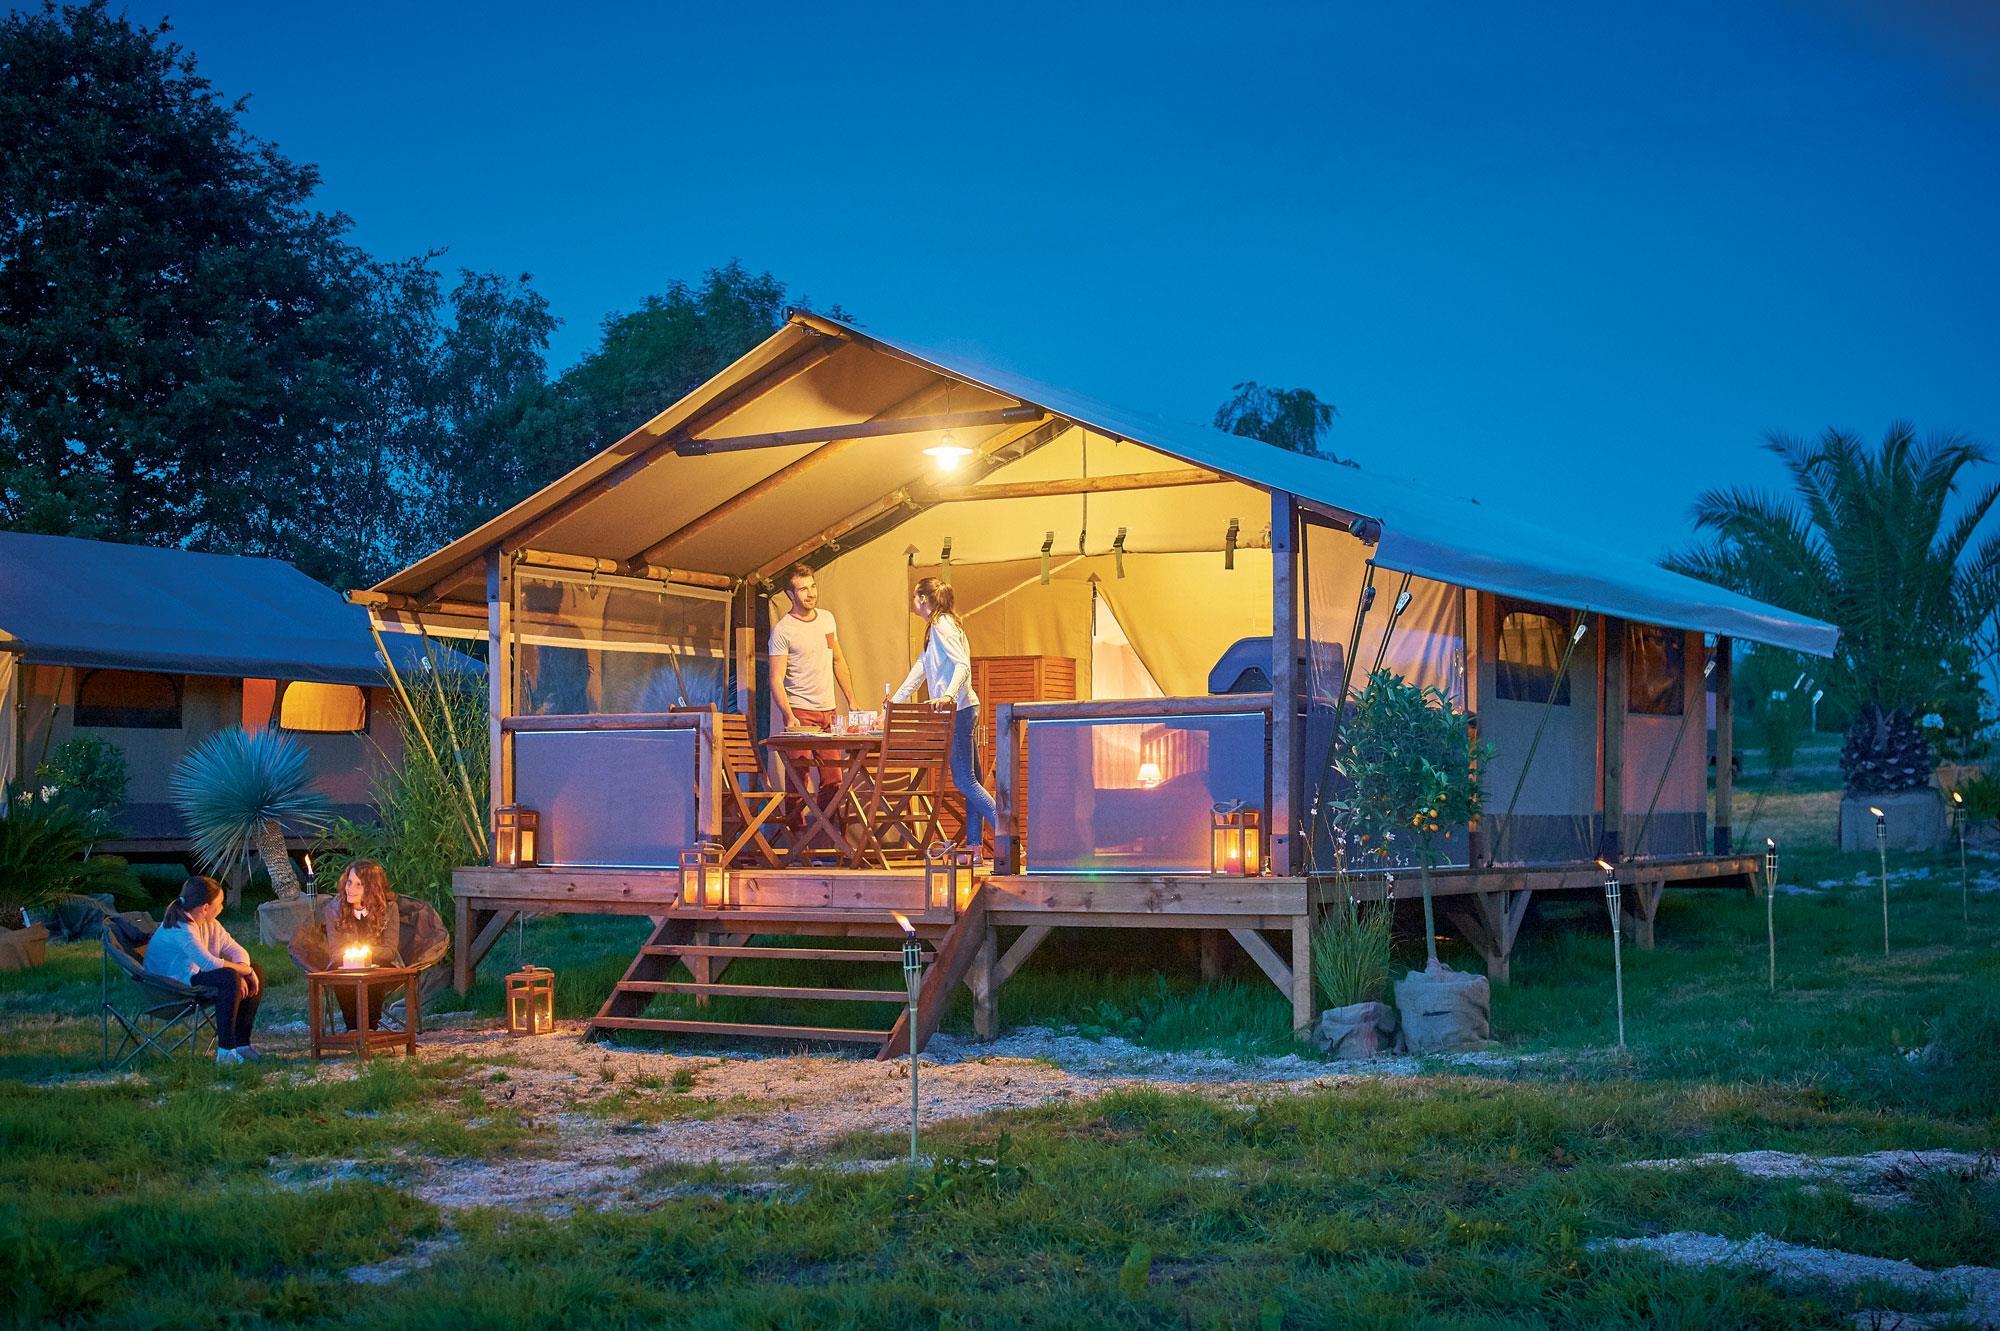 Location - Tente Lodge Luxe 46 M2, 2 Chambres, Avec Sdb, Wc, Terrasse Couverte, Barbecue Au Gaz, Vue Sur Le Lac - Camping Sites et Paysages Aramis